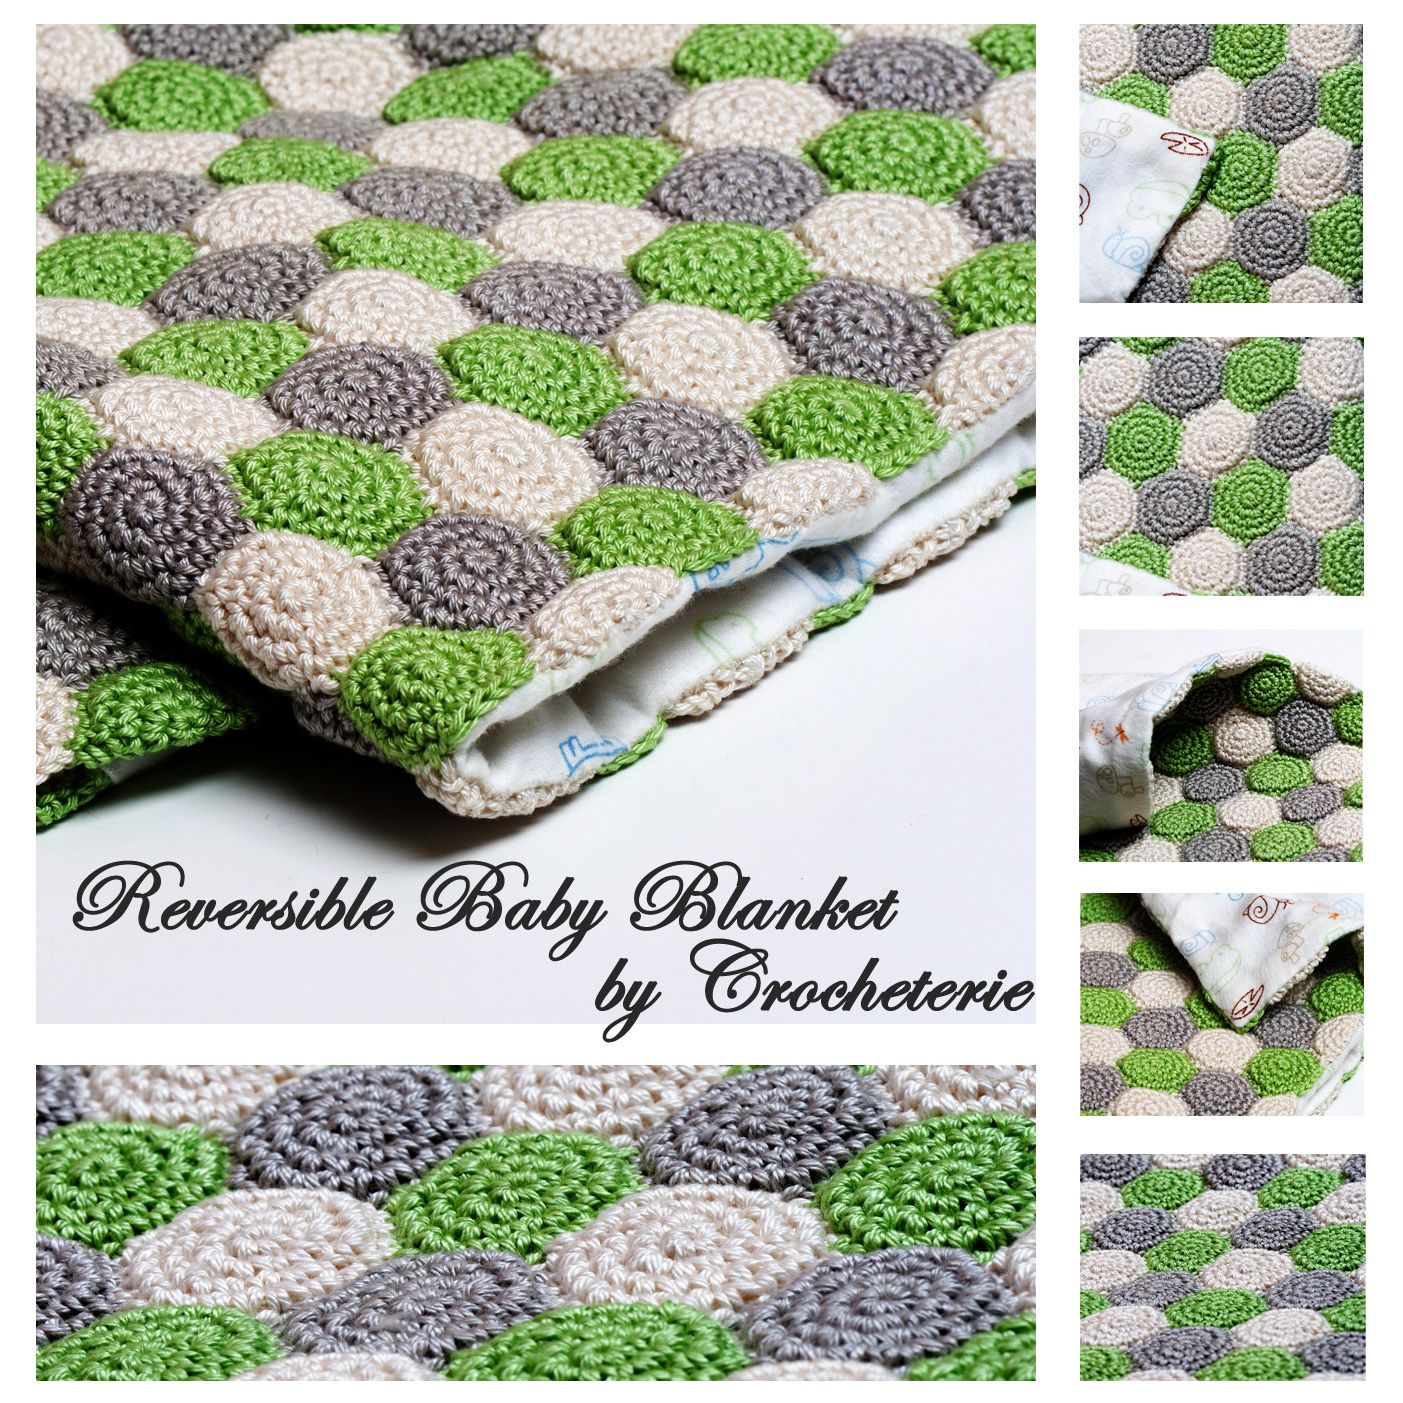 Crocheterie: Unisex Reversible Baby Blanket | Crochet | Pinterest ...